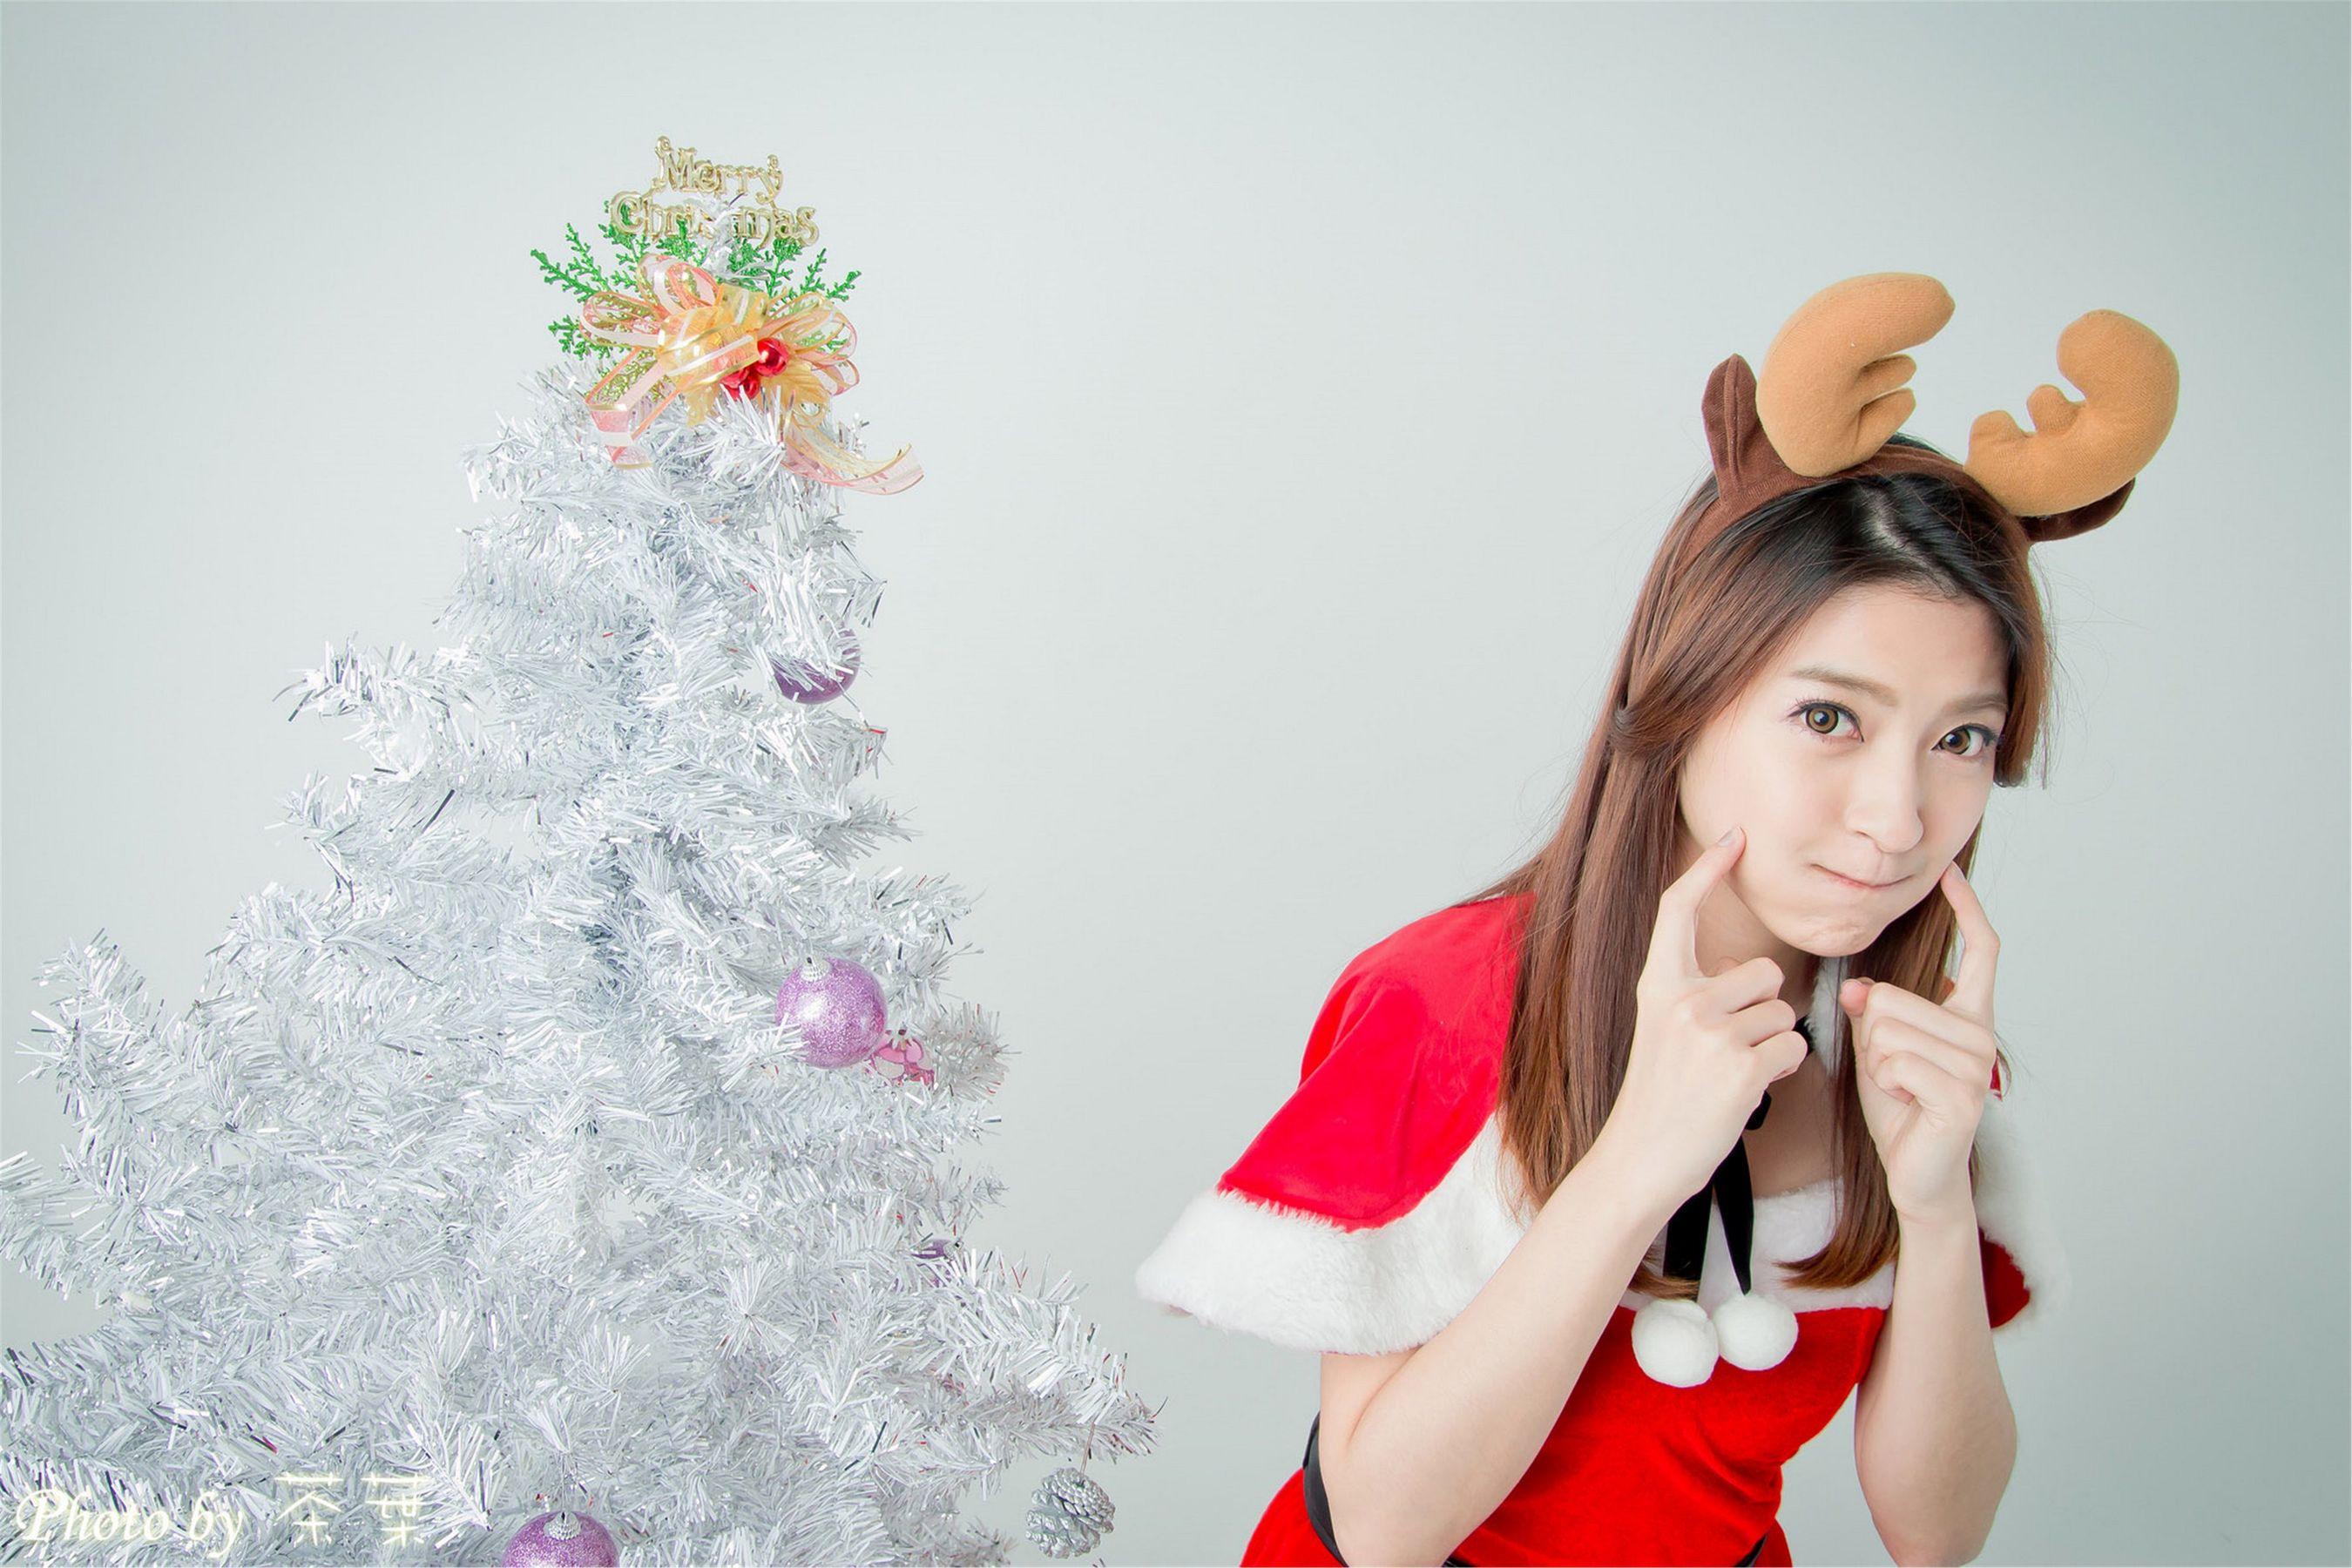 VOL.1470 [台湾正妹]可爱猫女郎圣诞萌女:李思娴超高清个人性感漂亮大图(44P)